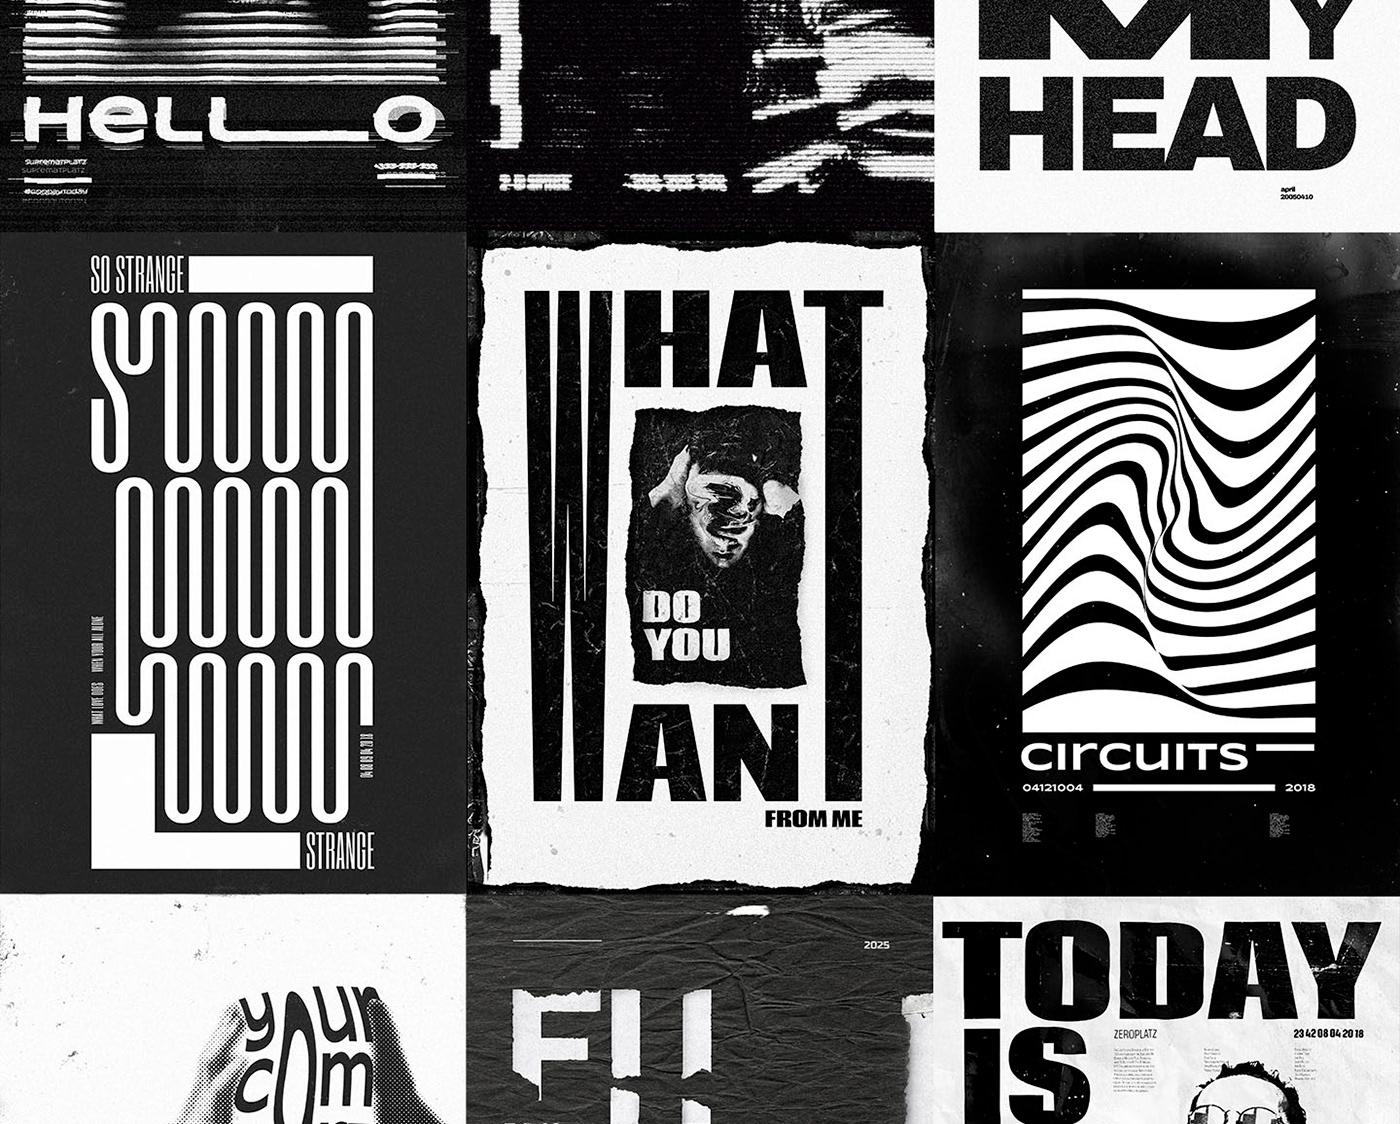 極美的28張海報設計欣賞